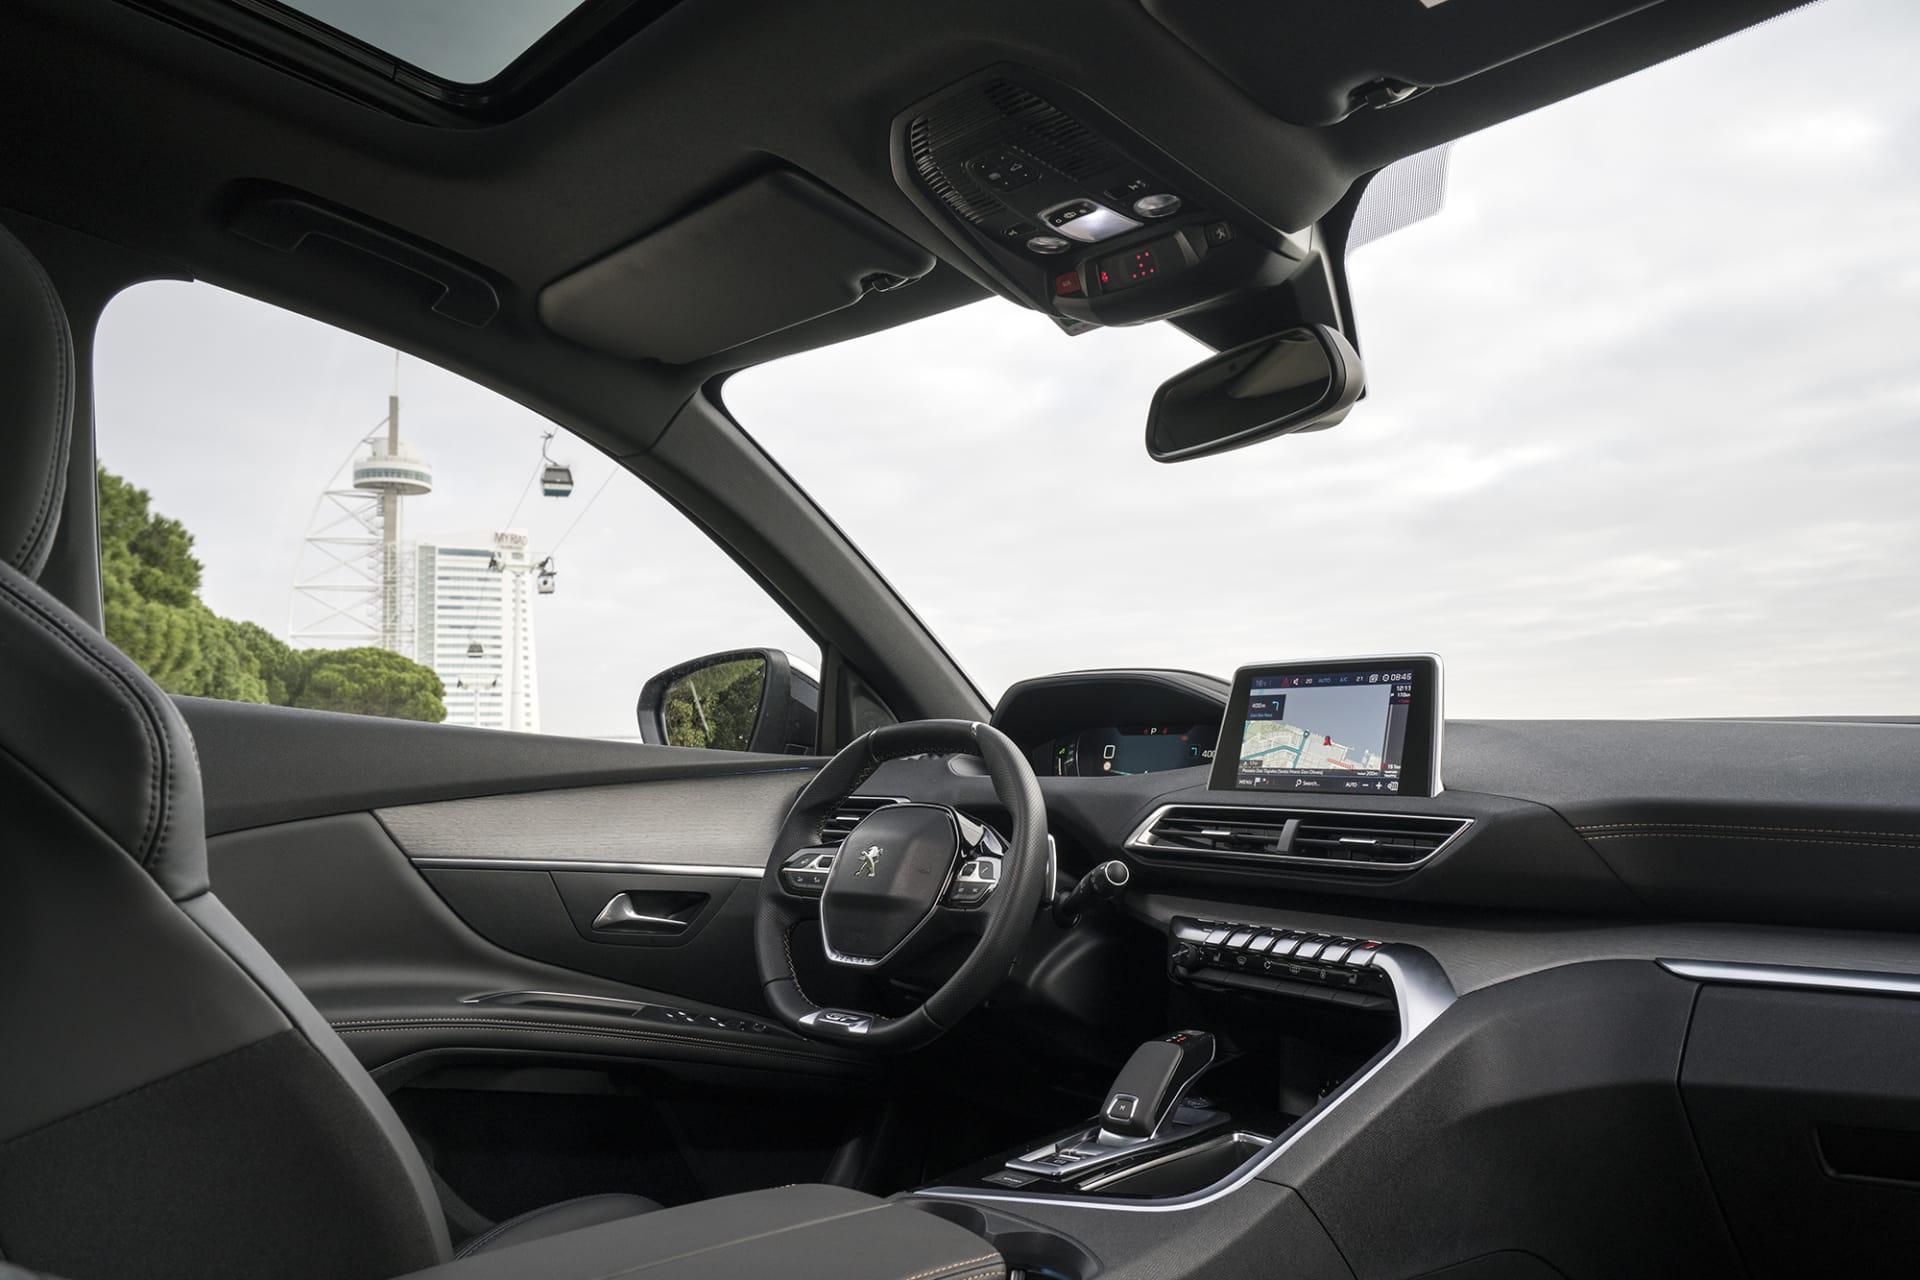 Interiören i Peugeot 5008 SUV kan mer beskrivas som en cockpit från ett flygplan. Väldigt snyggt och minimalistiskt.